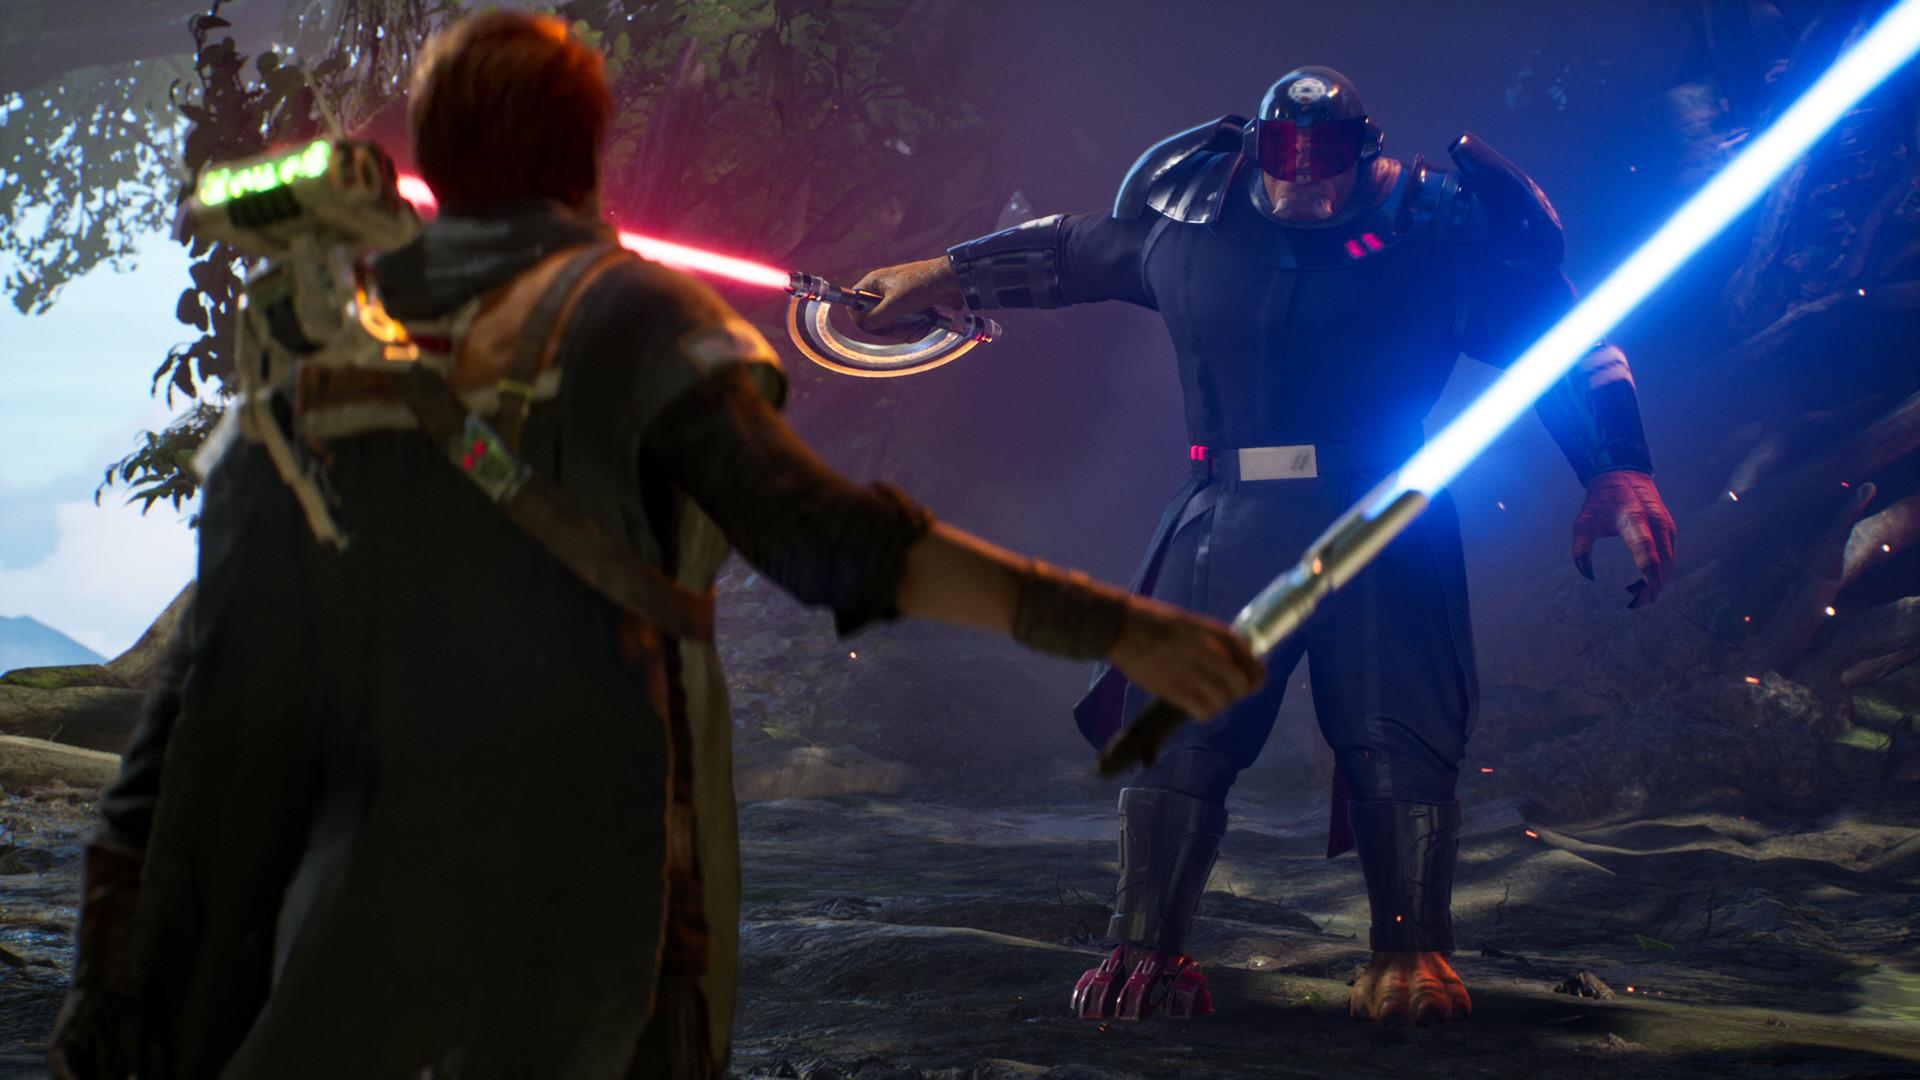 Улучшенная версия Star Wars Jedi: Fallen Order выйдет на консолях нового поколения этим летом